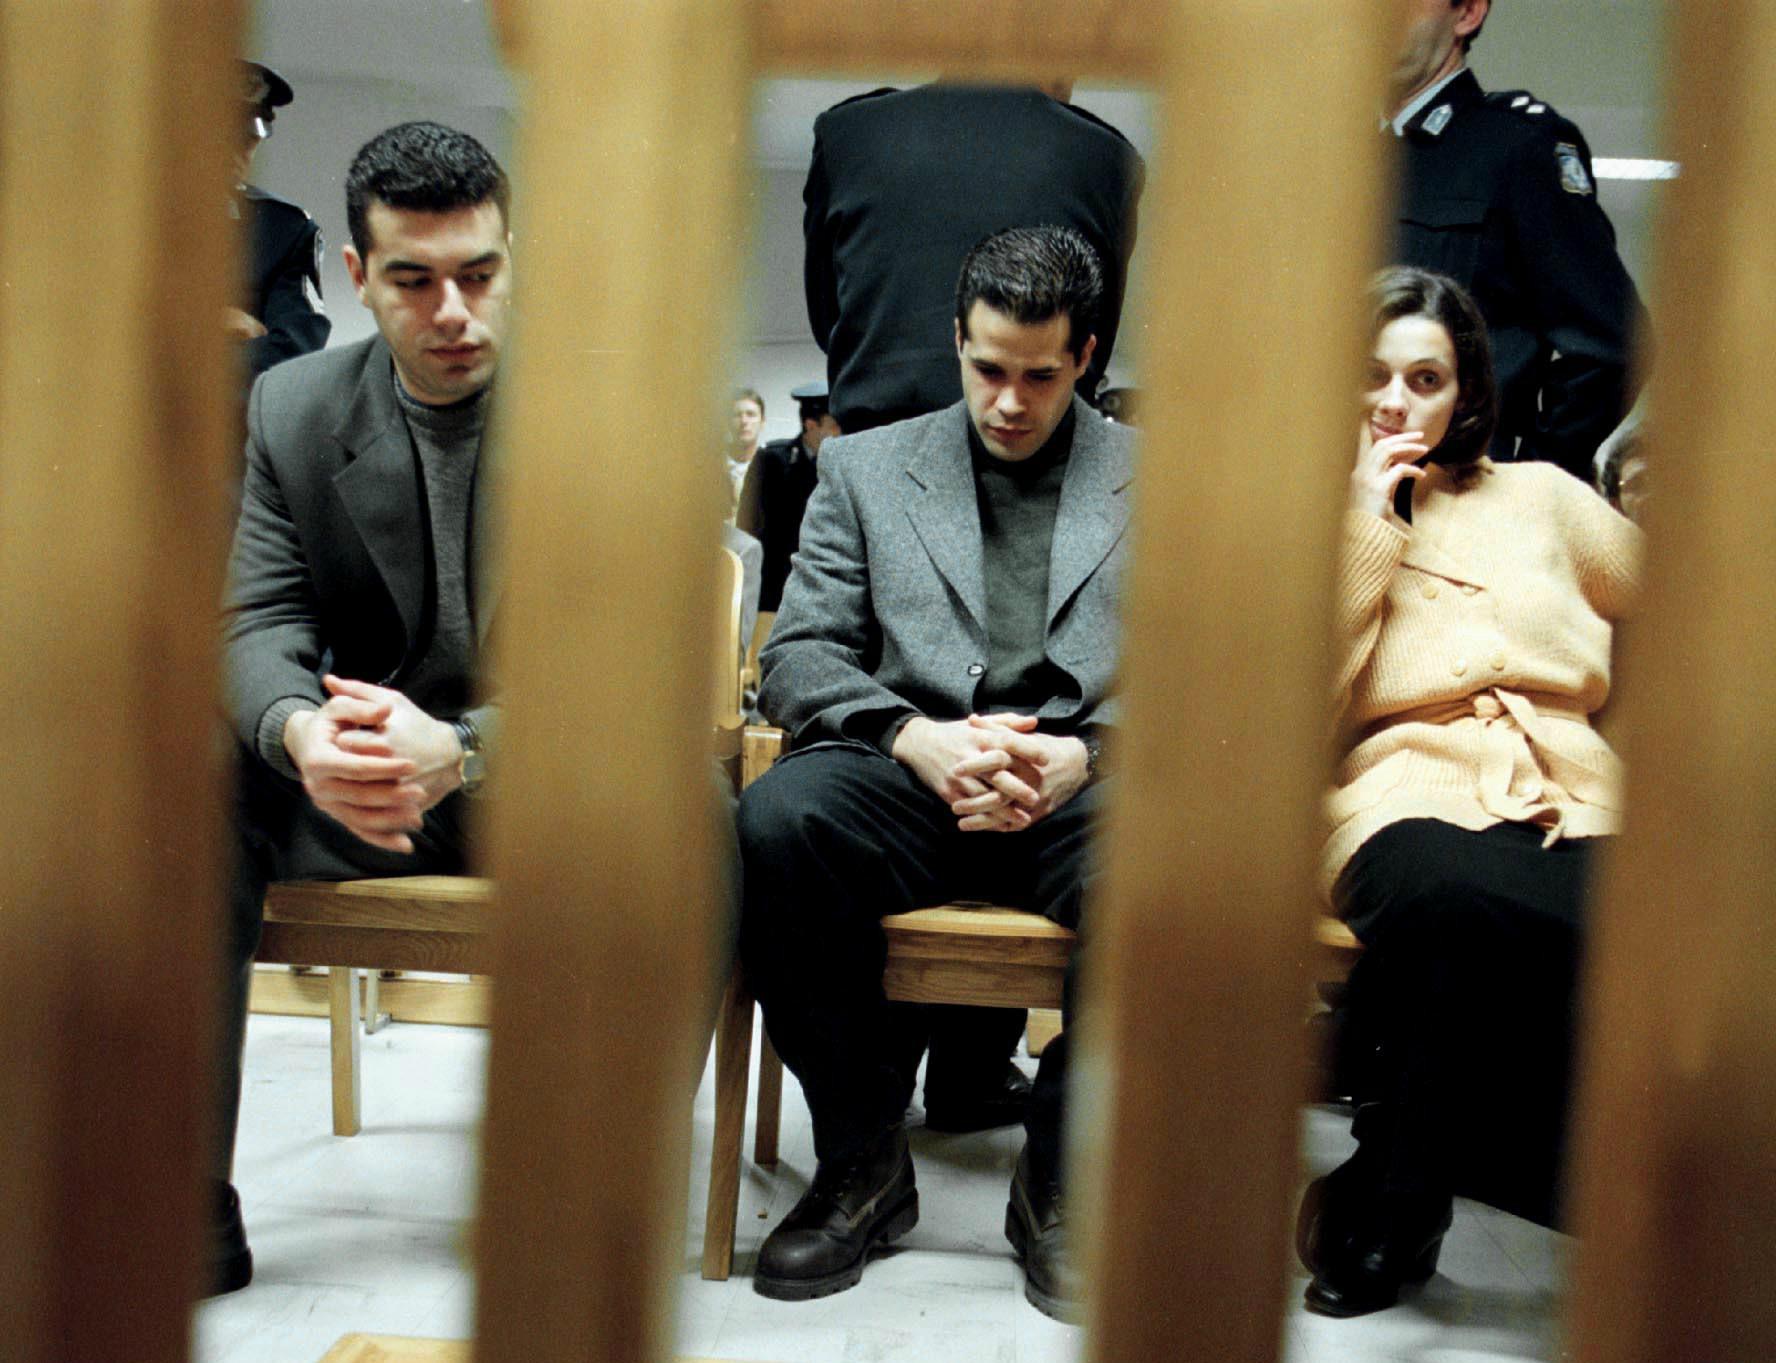 Οι Σατανιστές της Παλλήνης-Τα πρωτοφανή εγκλήματα, οι «ανθρωποθυσίες», που συγκλόνισαν την Ελλάδα